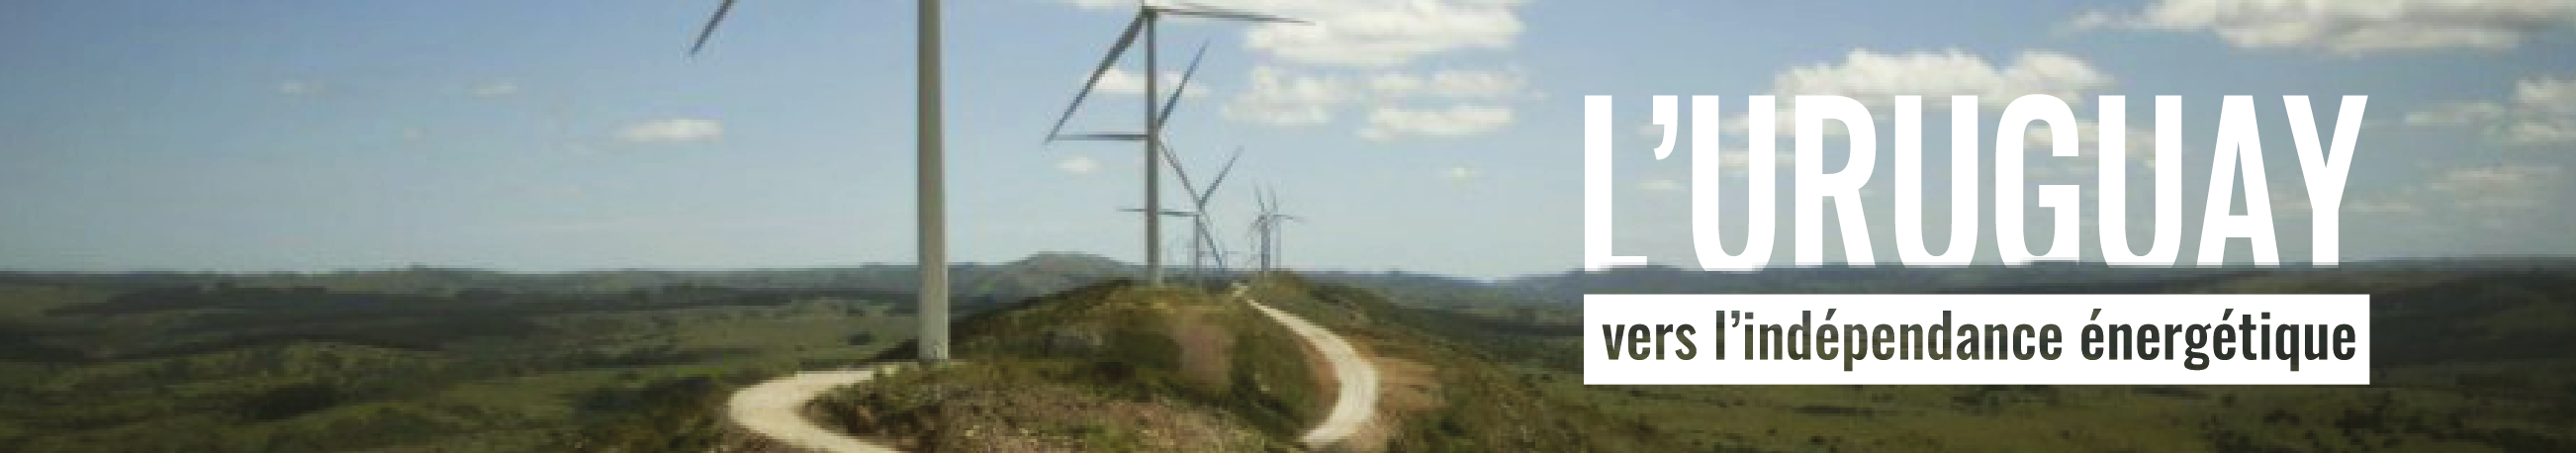 Six pays qui cherchent l'indépendance énergétique